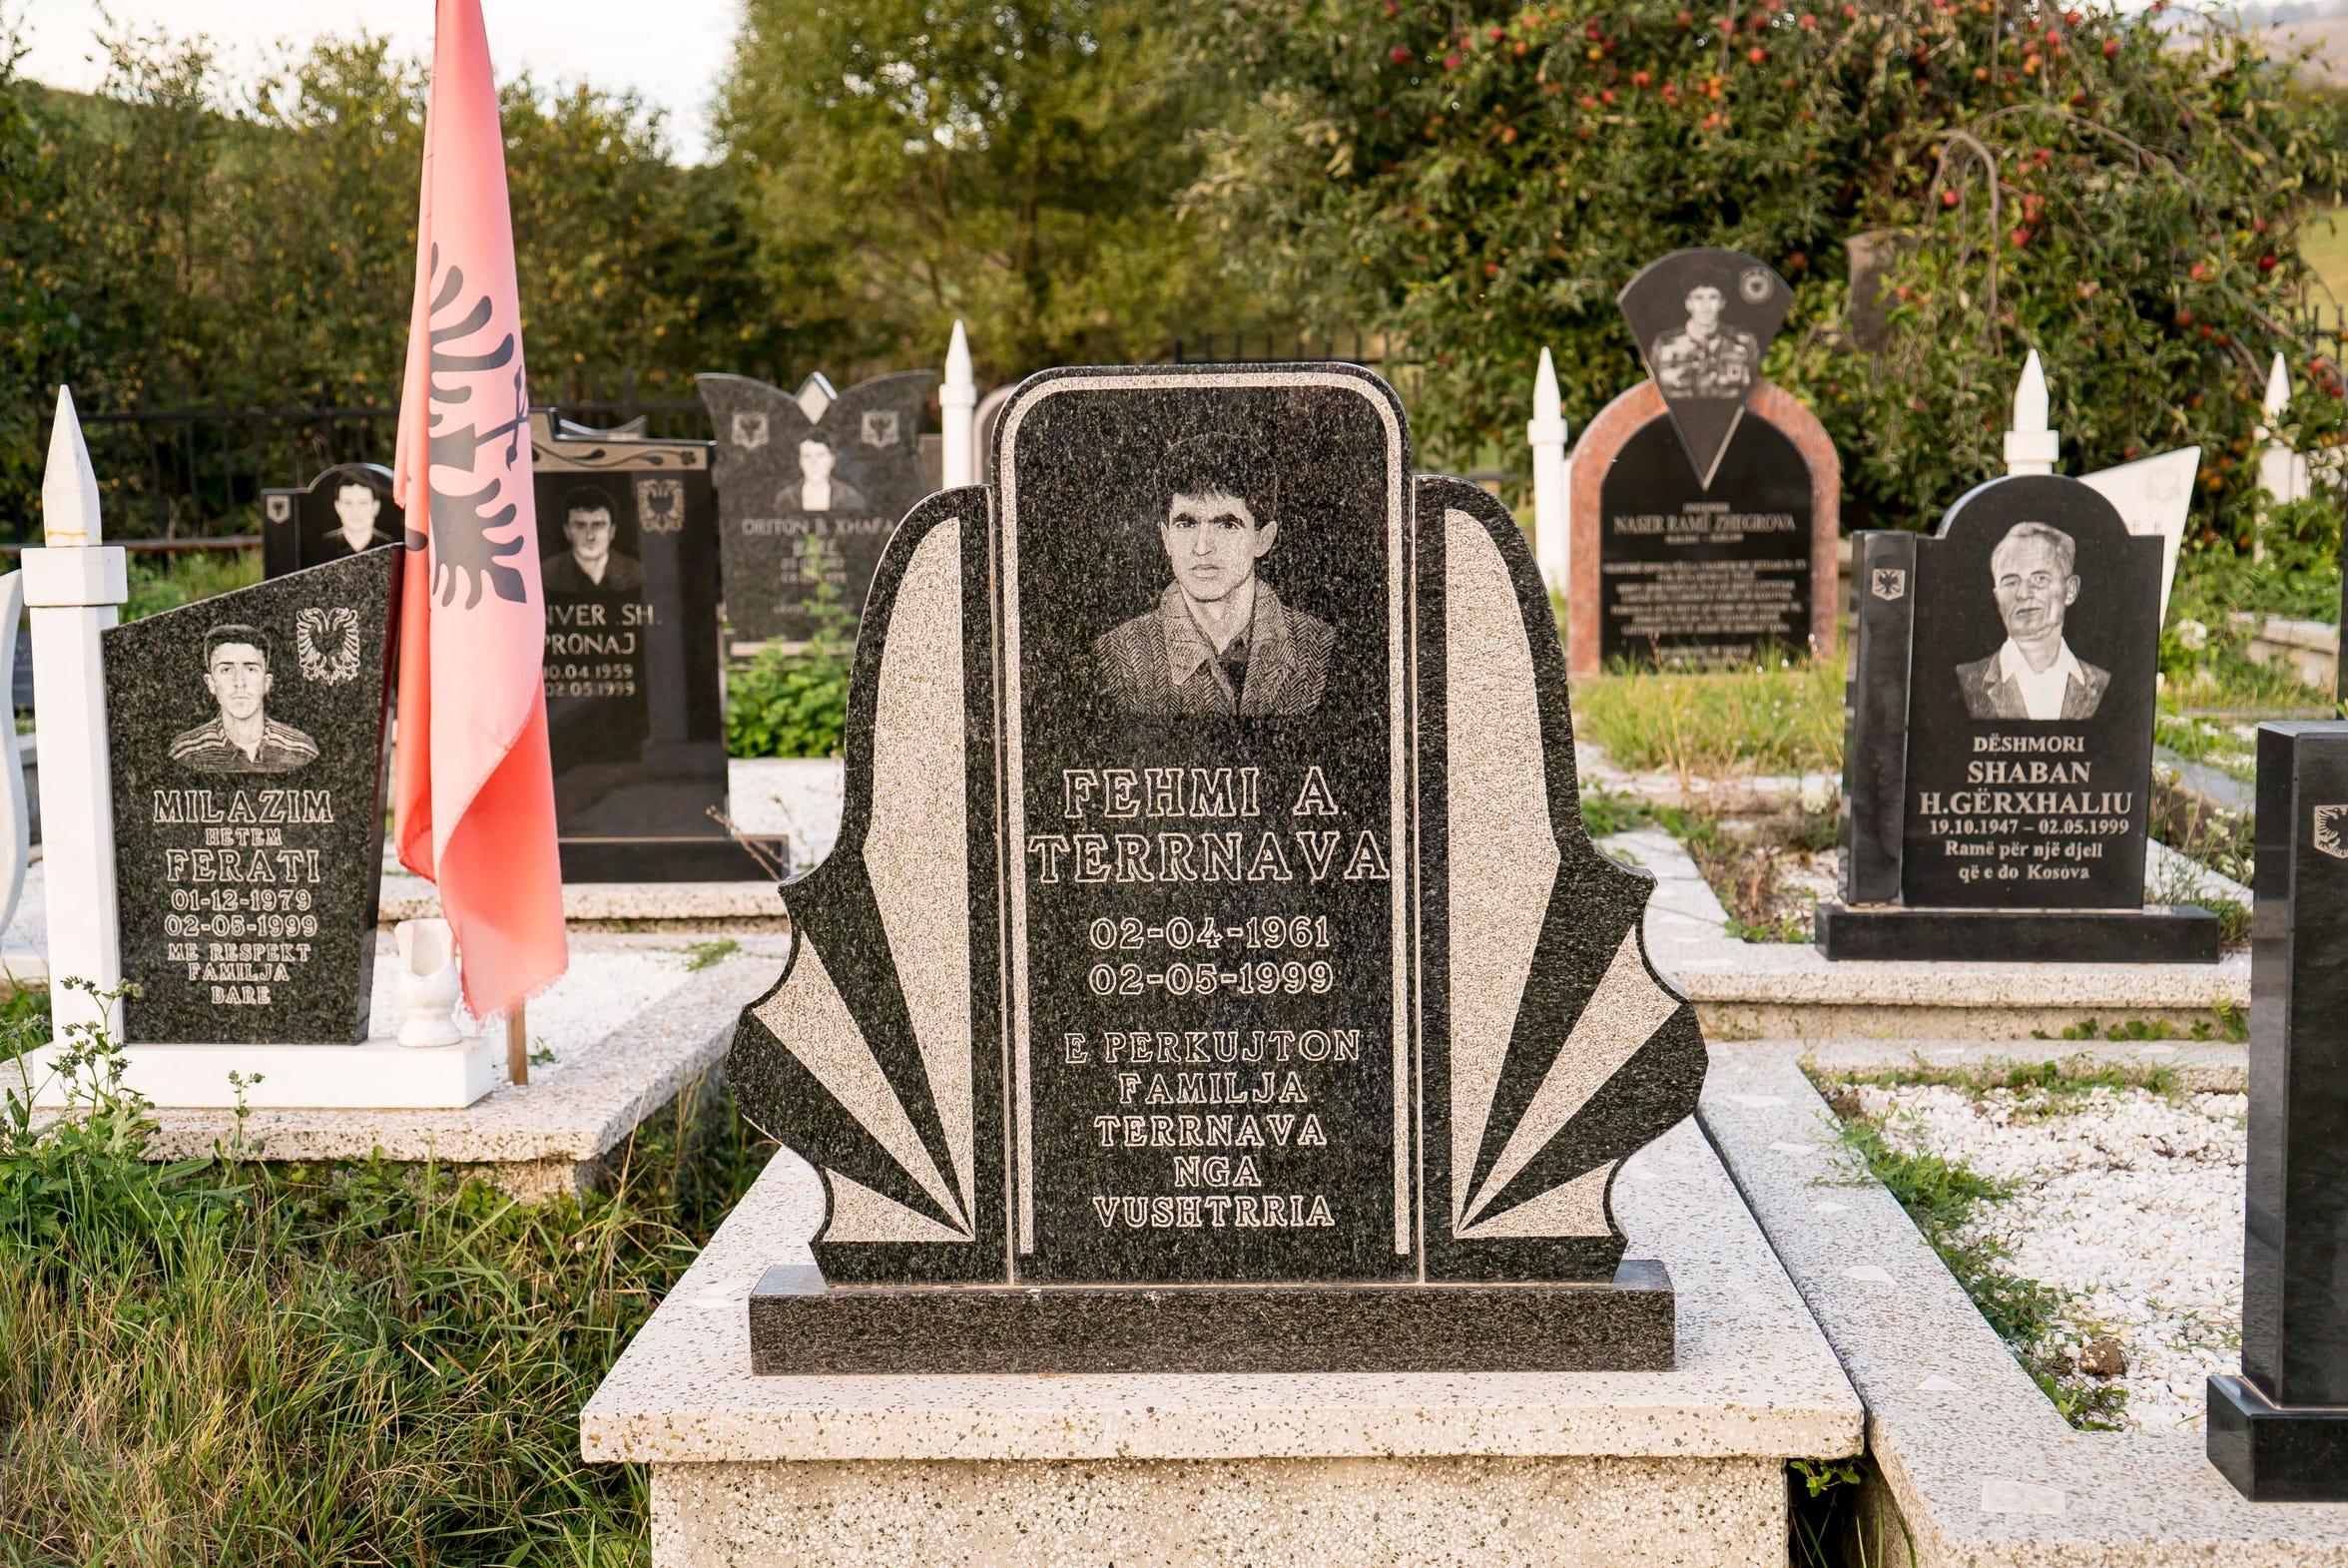 A memorial gravesite outside Vushstrri, Kosovo